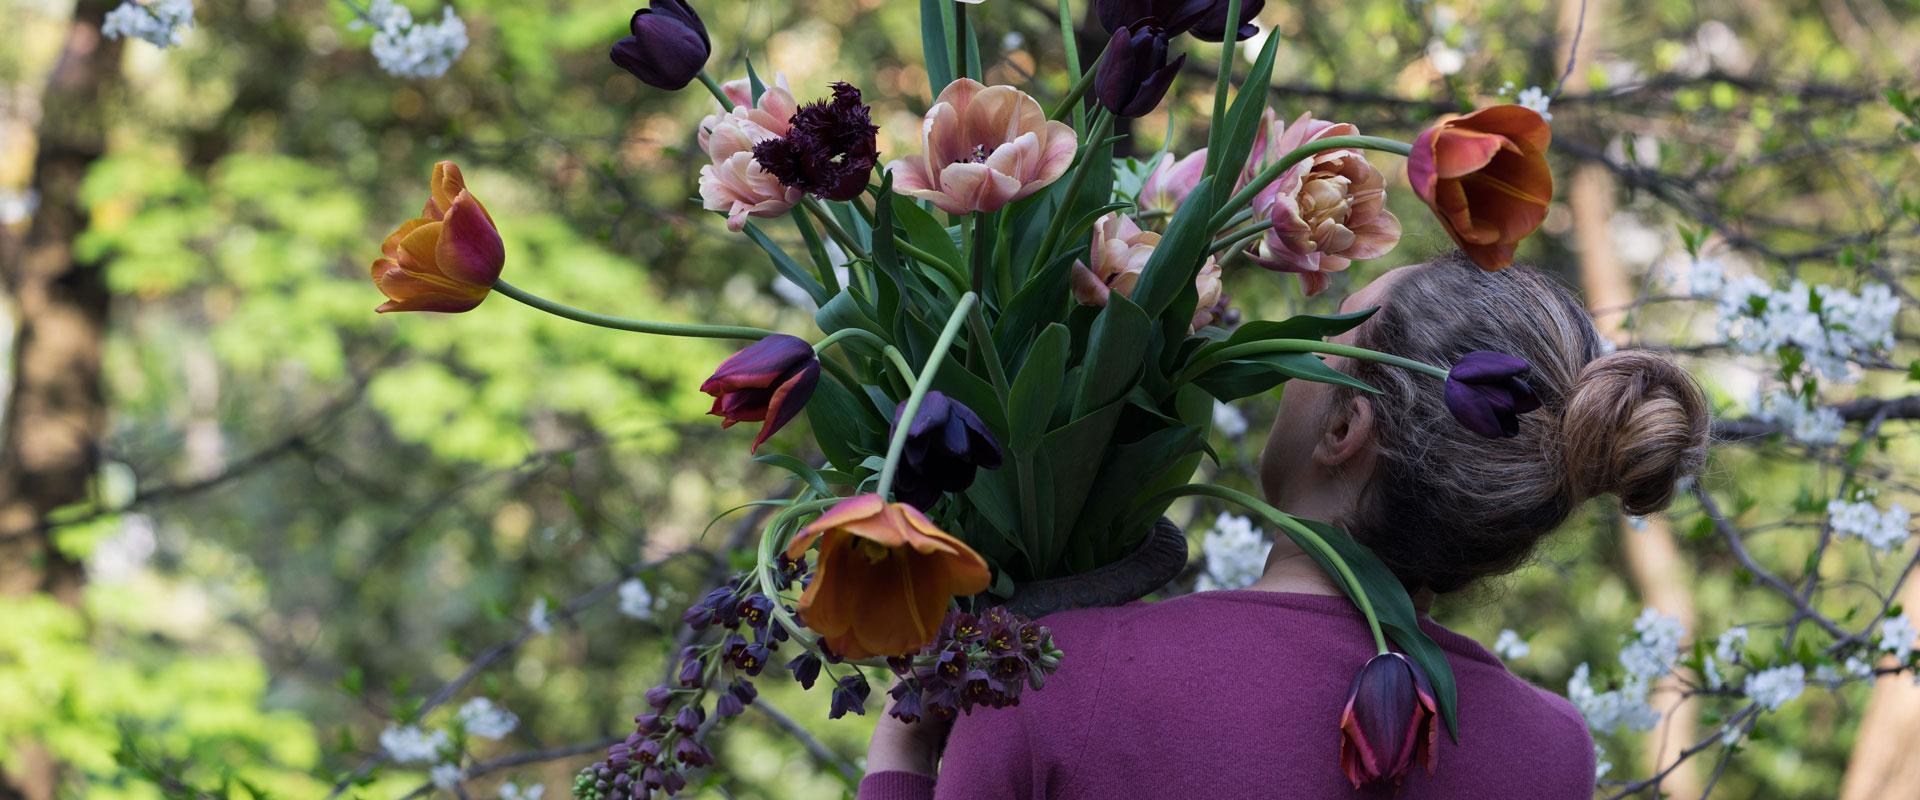 Coltivare Fiori Da Recidere olga's flower farm | floricoltura giussani - eupilio